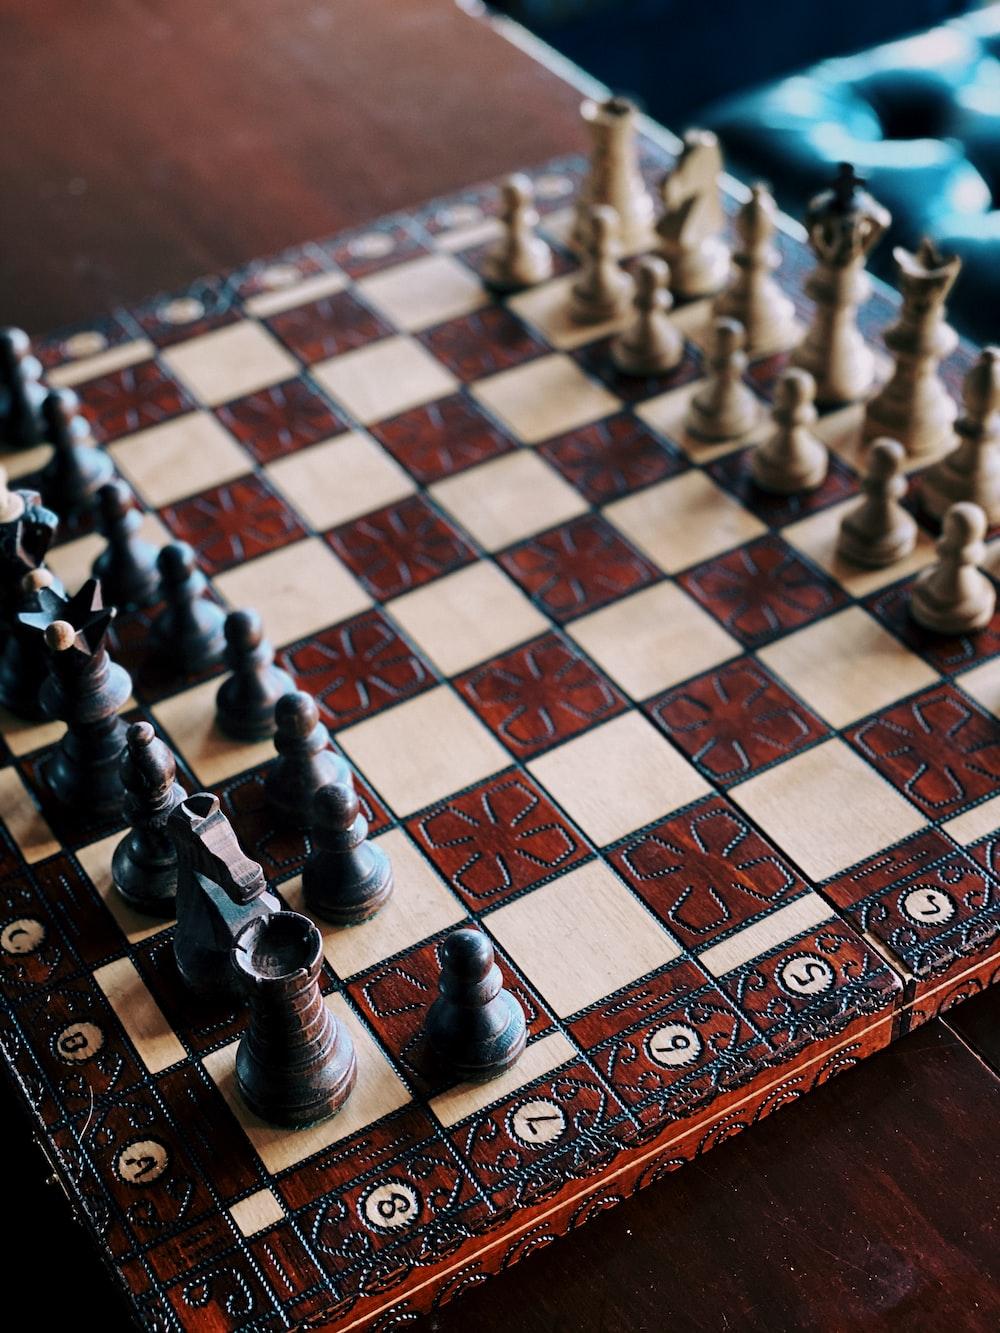 Gli scacchi hanno ottenuto grande successo grazie alla serie Netflix. Fonte: Unsplash